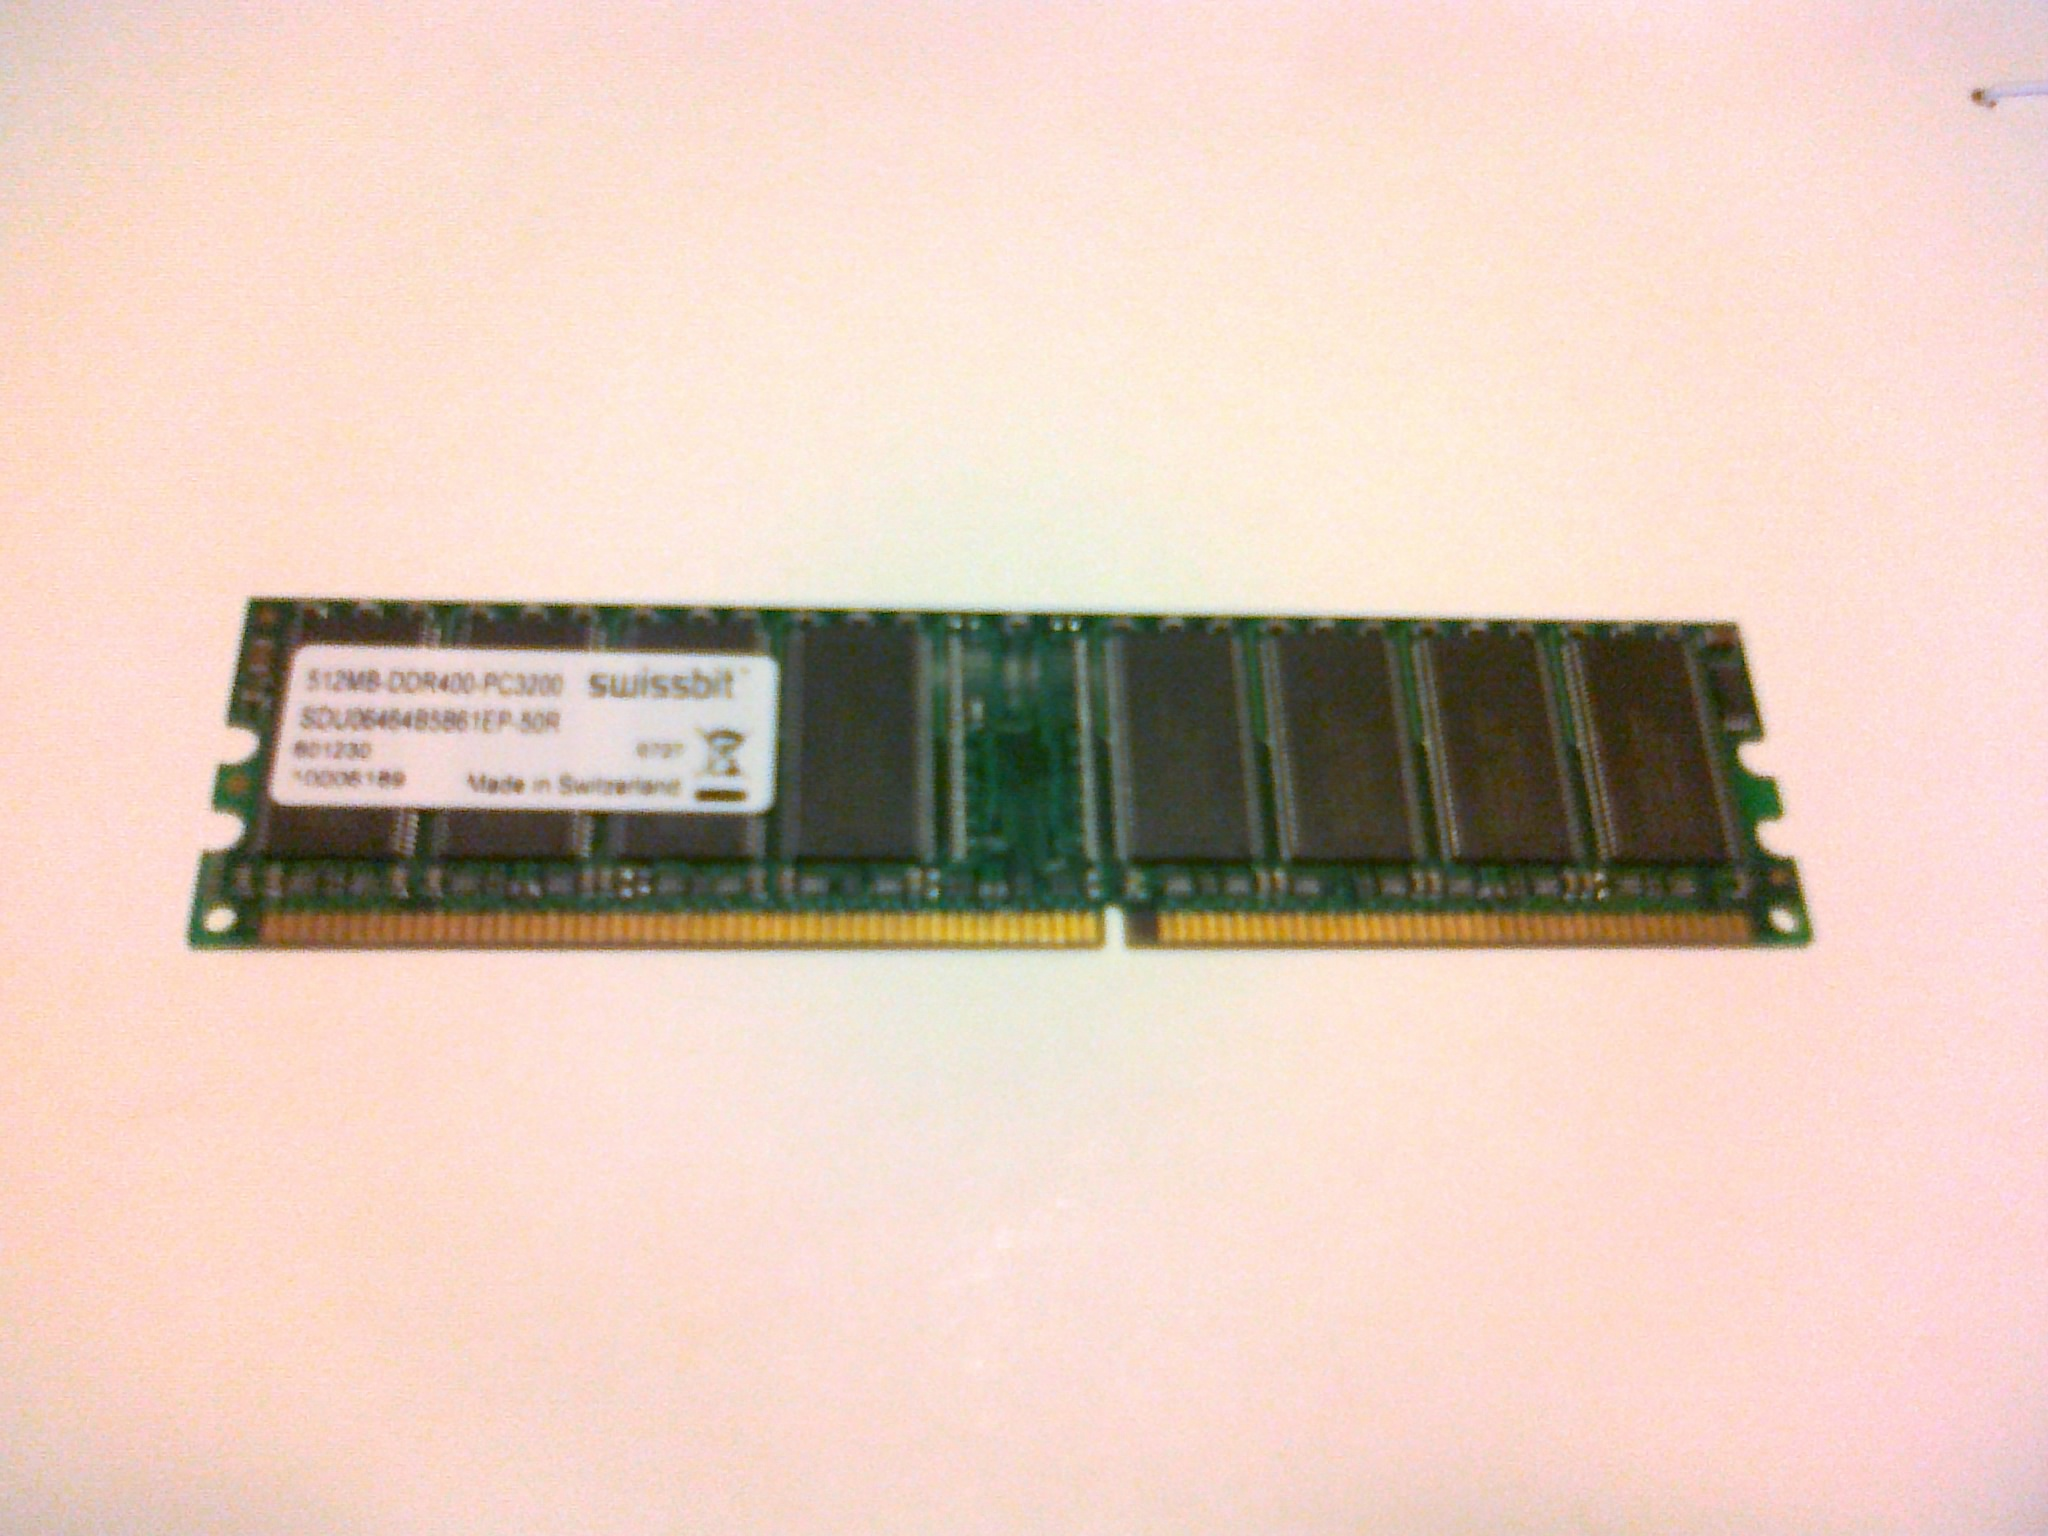 DELL LATITUDE V740 FUJITSU MHT2020AT (20GB) MOBILE HDD DRIVER FOR PC